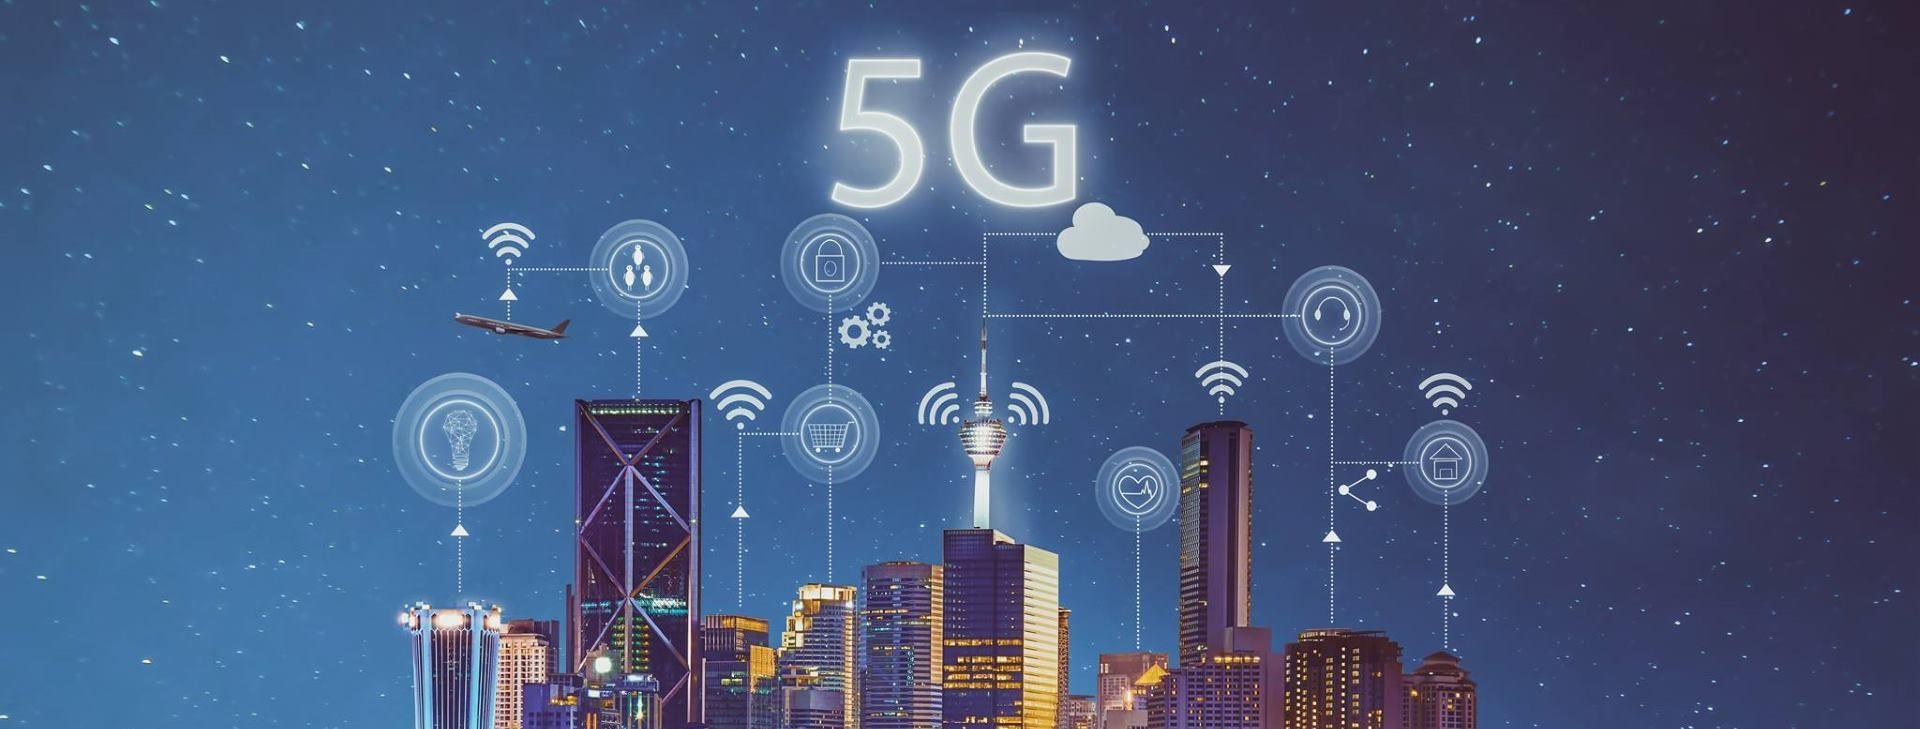 Isprobane 5G funkcionalnosti na operativnoj mreži u stvarnim uvjetima